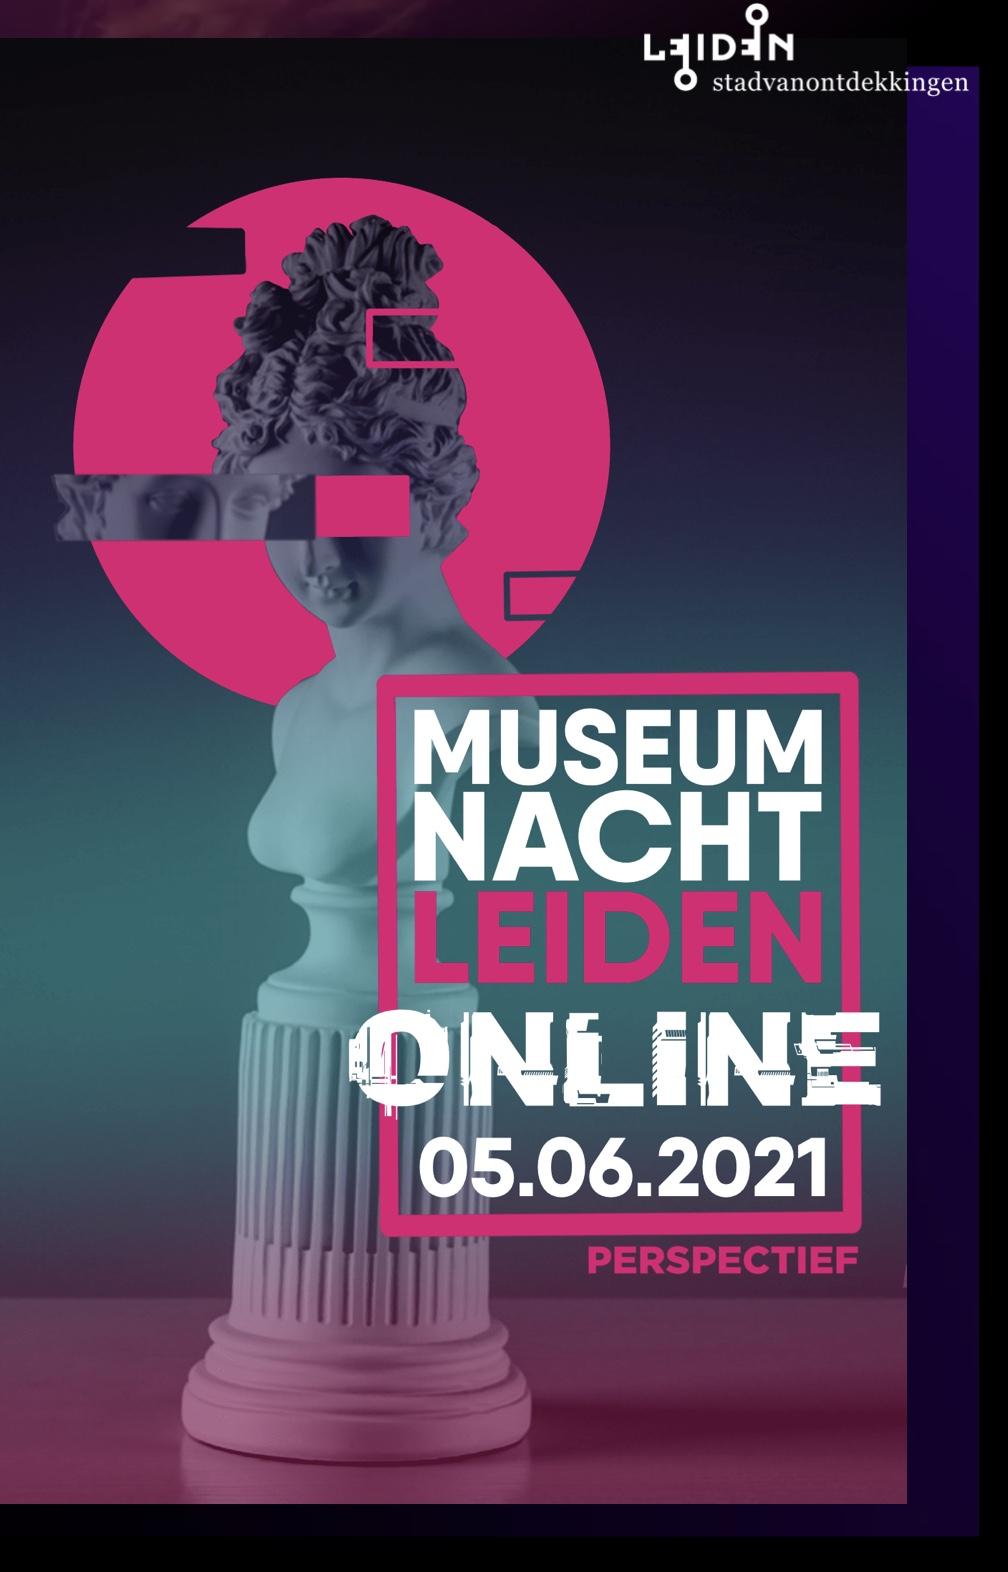 Ticketverkoop online Museumnacht Leiden: museumnachtleiden.nl